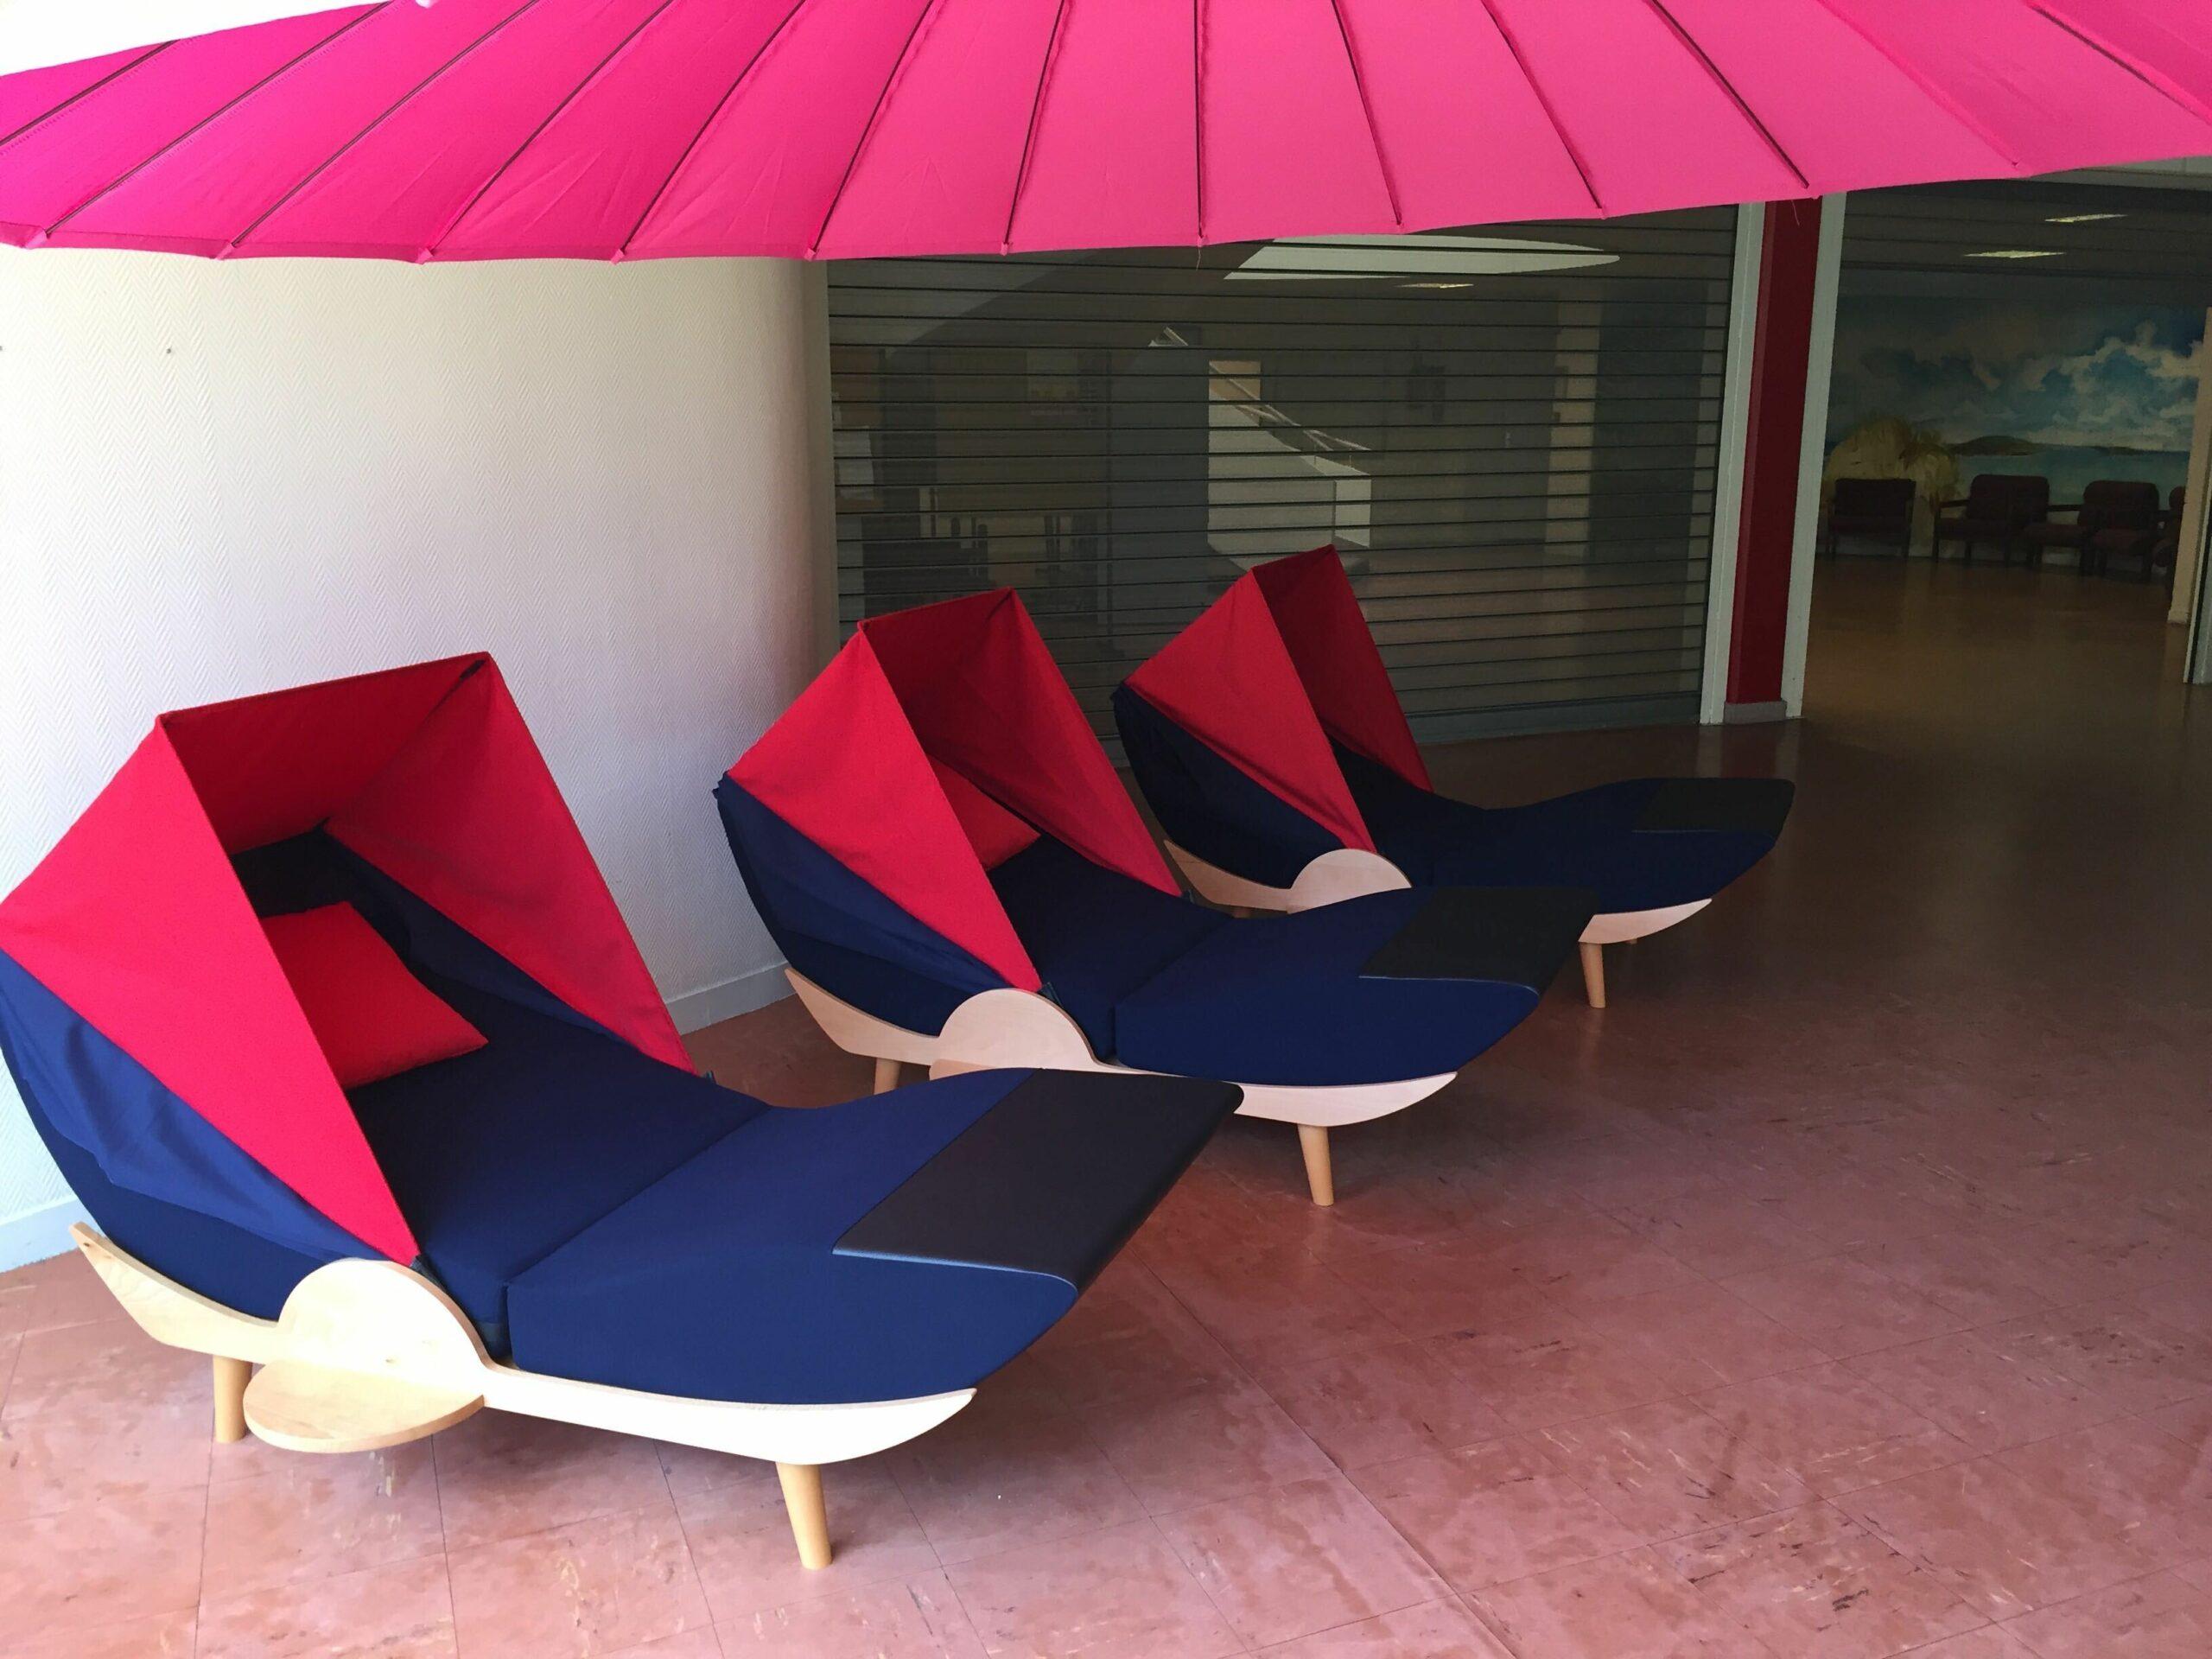 Des salles de repos au travail avec des cocons à sieste